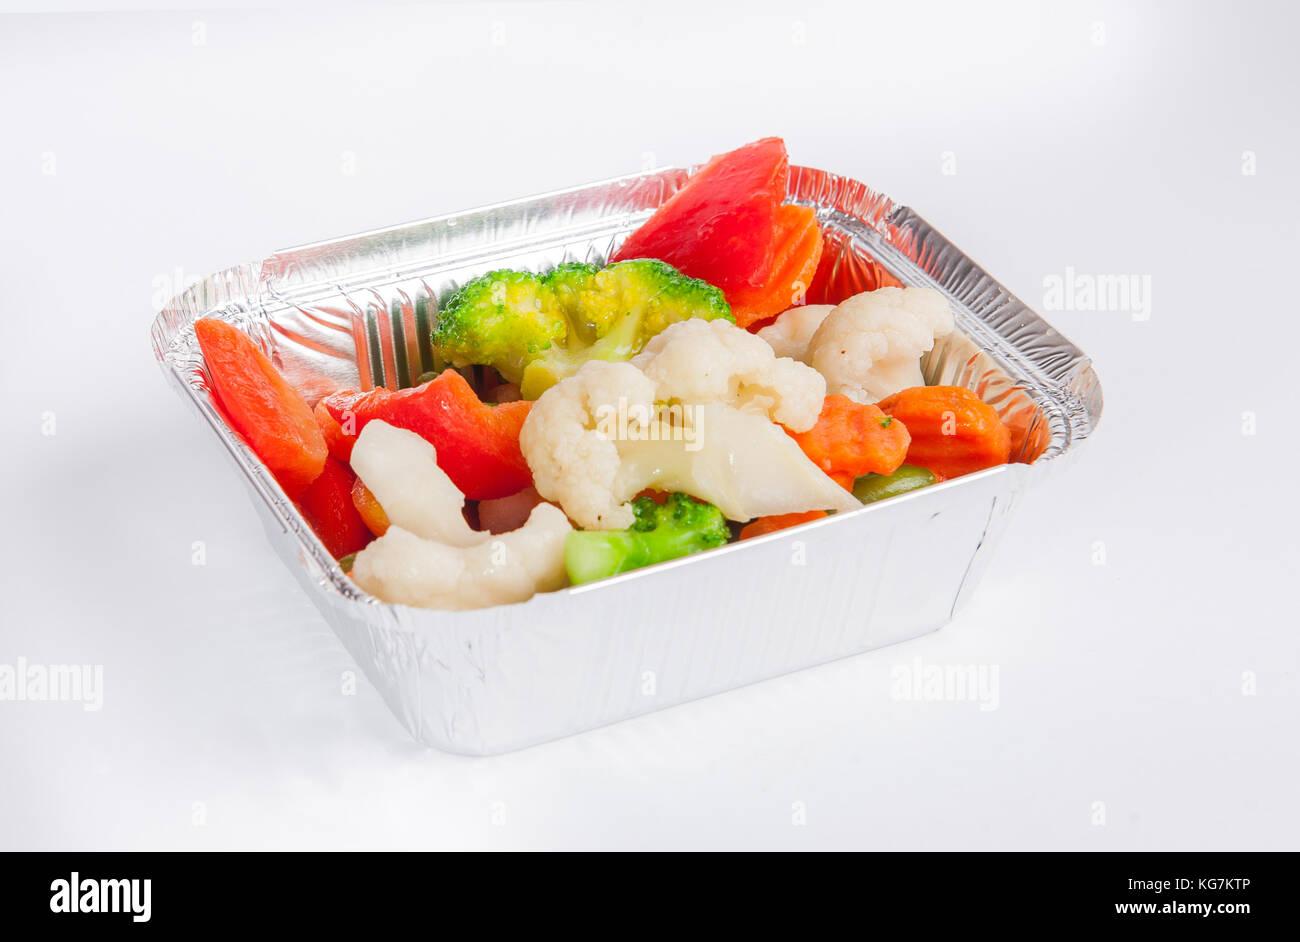 Healthy Food Deliveroo